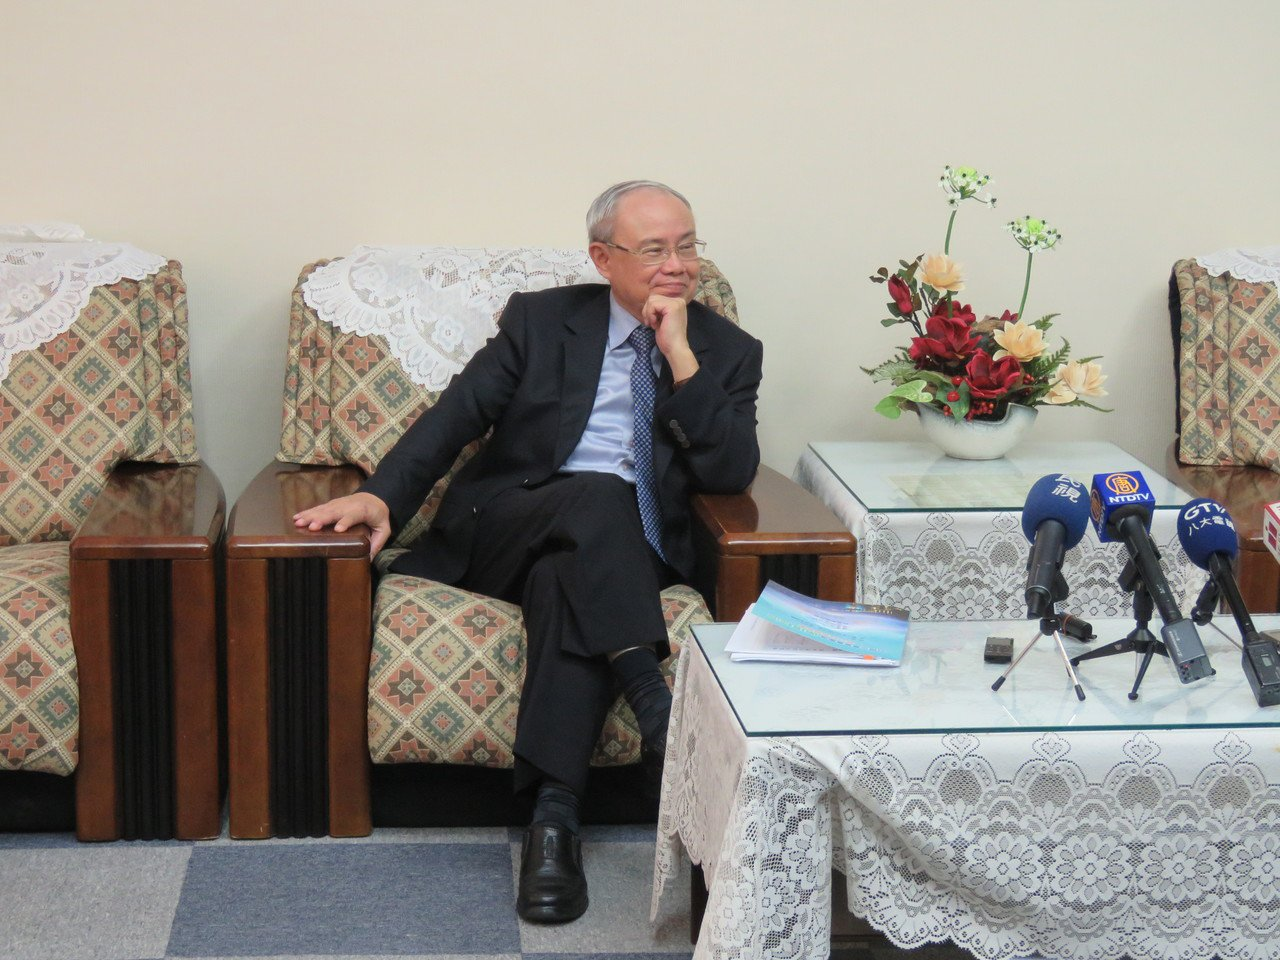 台化公司副董事長洪福源表示,六輕興建海淡廠、下月送環評,預估環評後3年內完工。 ...